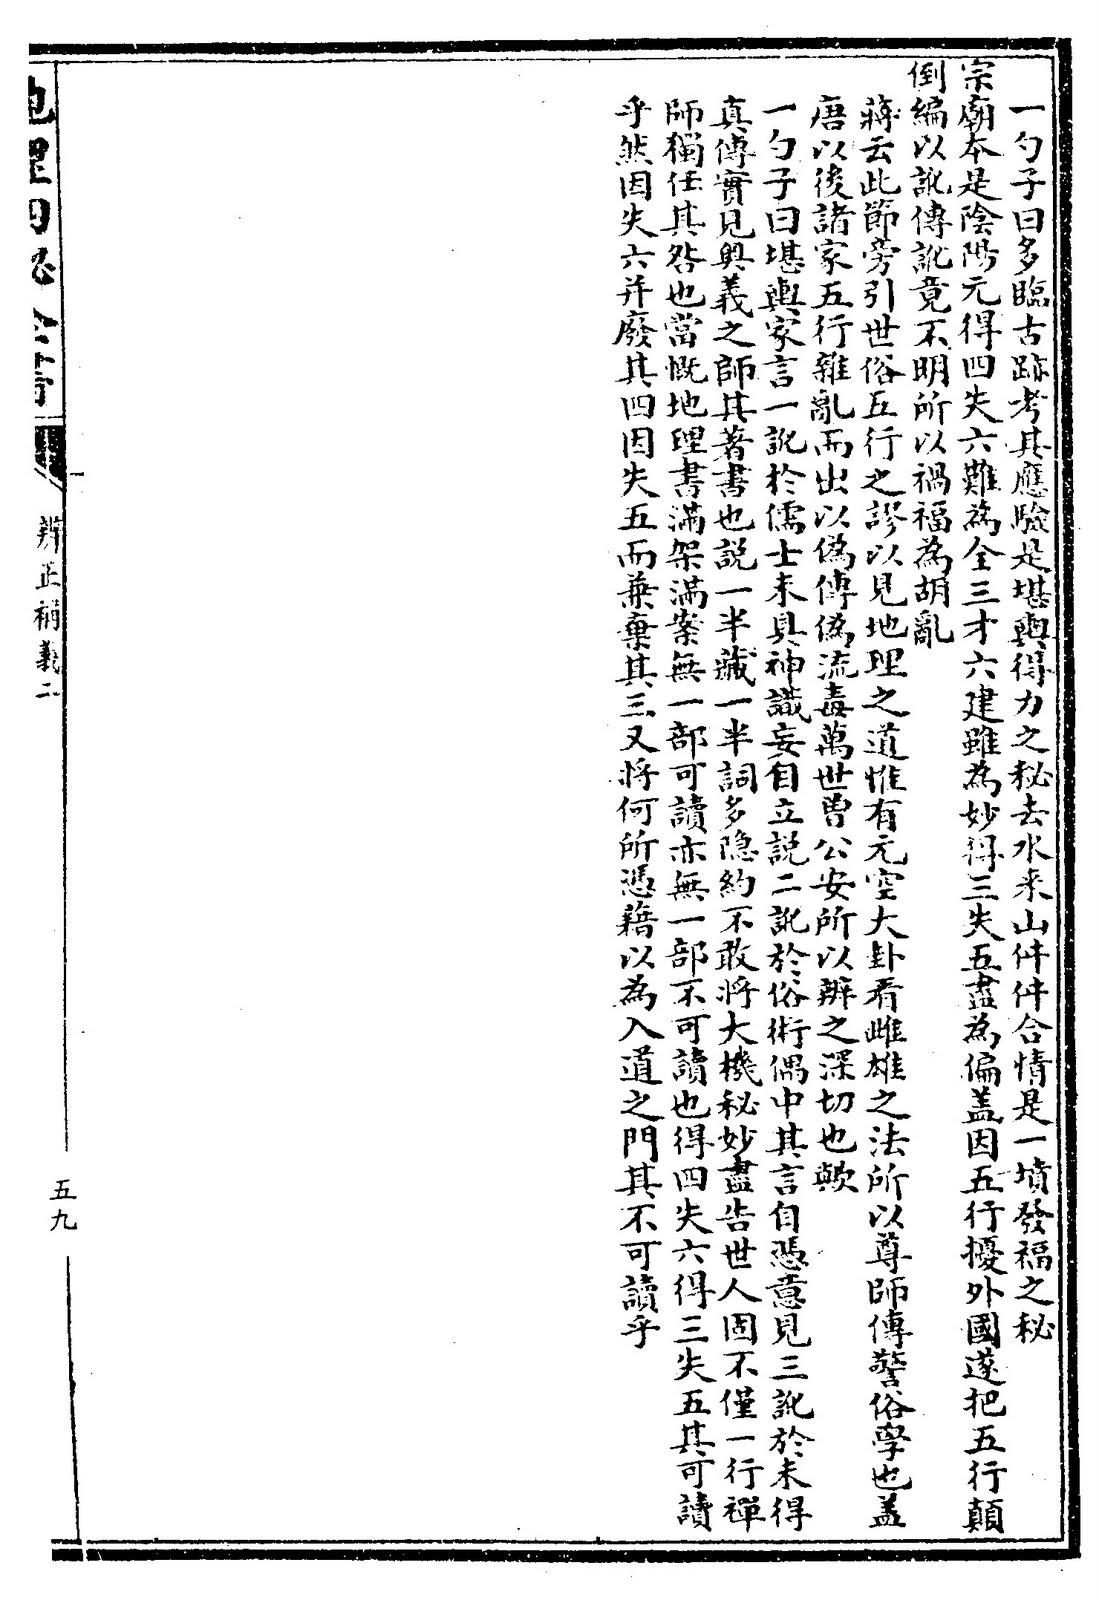 六愚~風水命理: 所謂《滅蠻經》之探究(七)~臺灣六愚